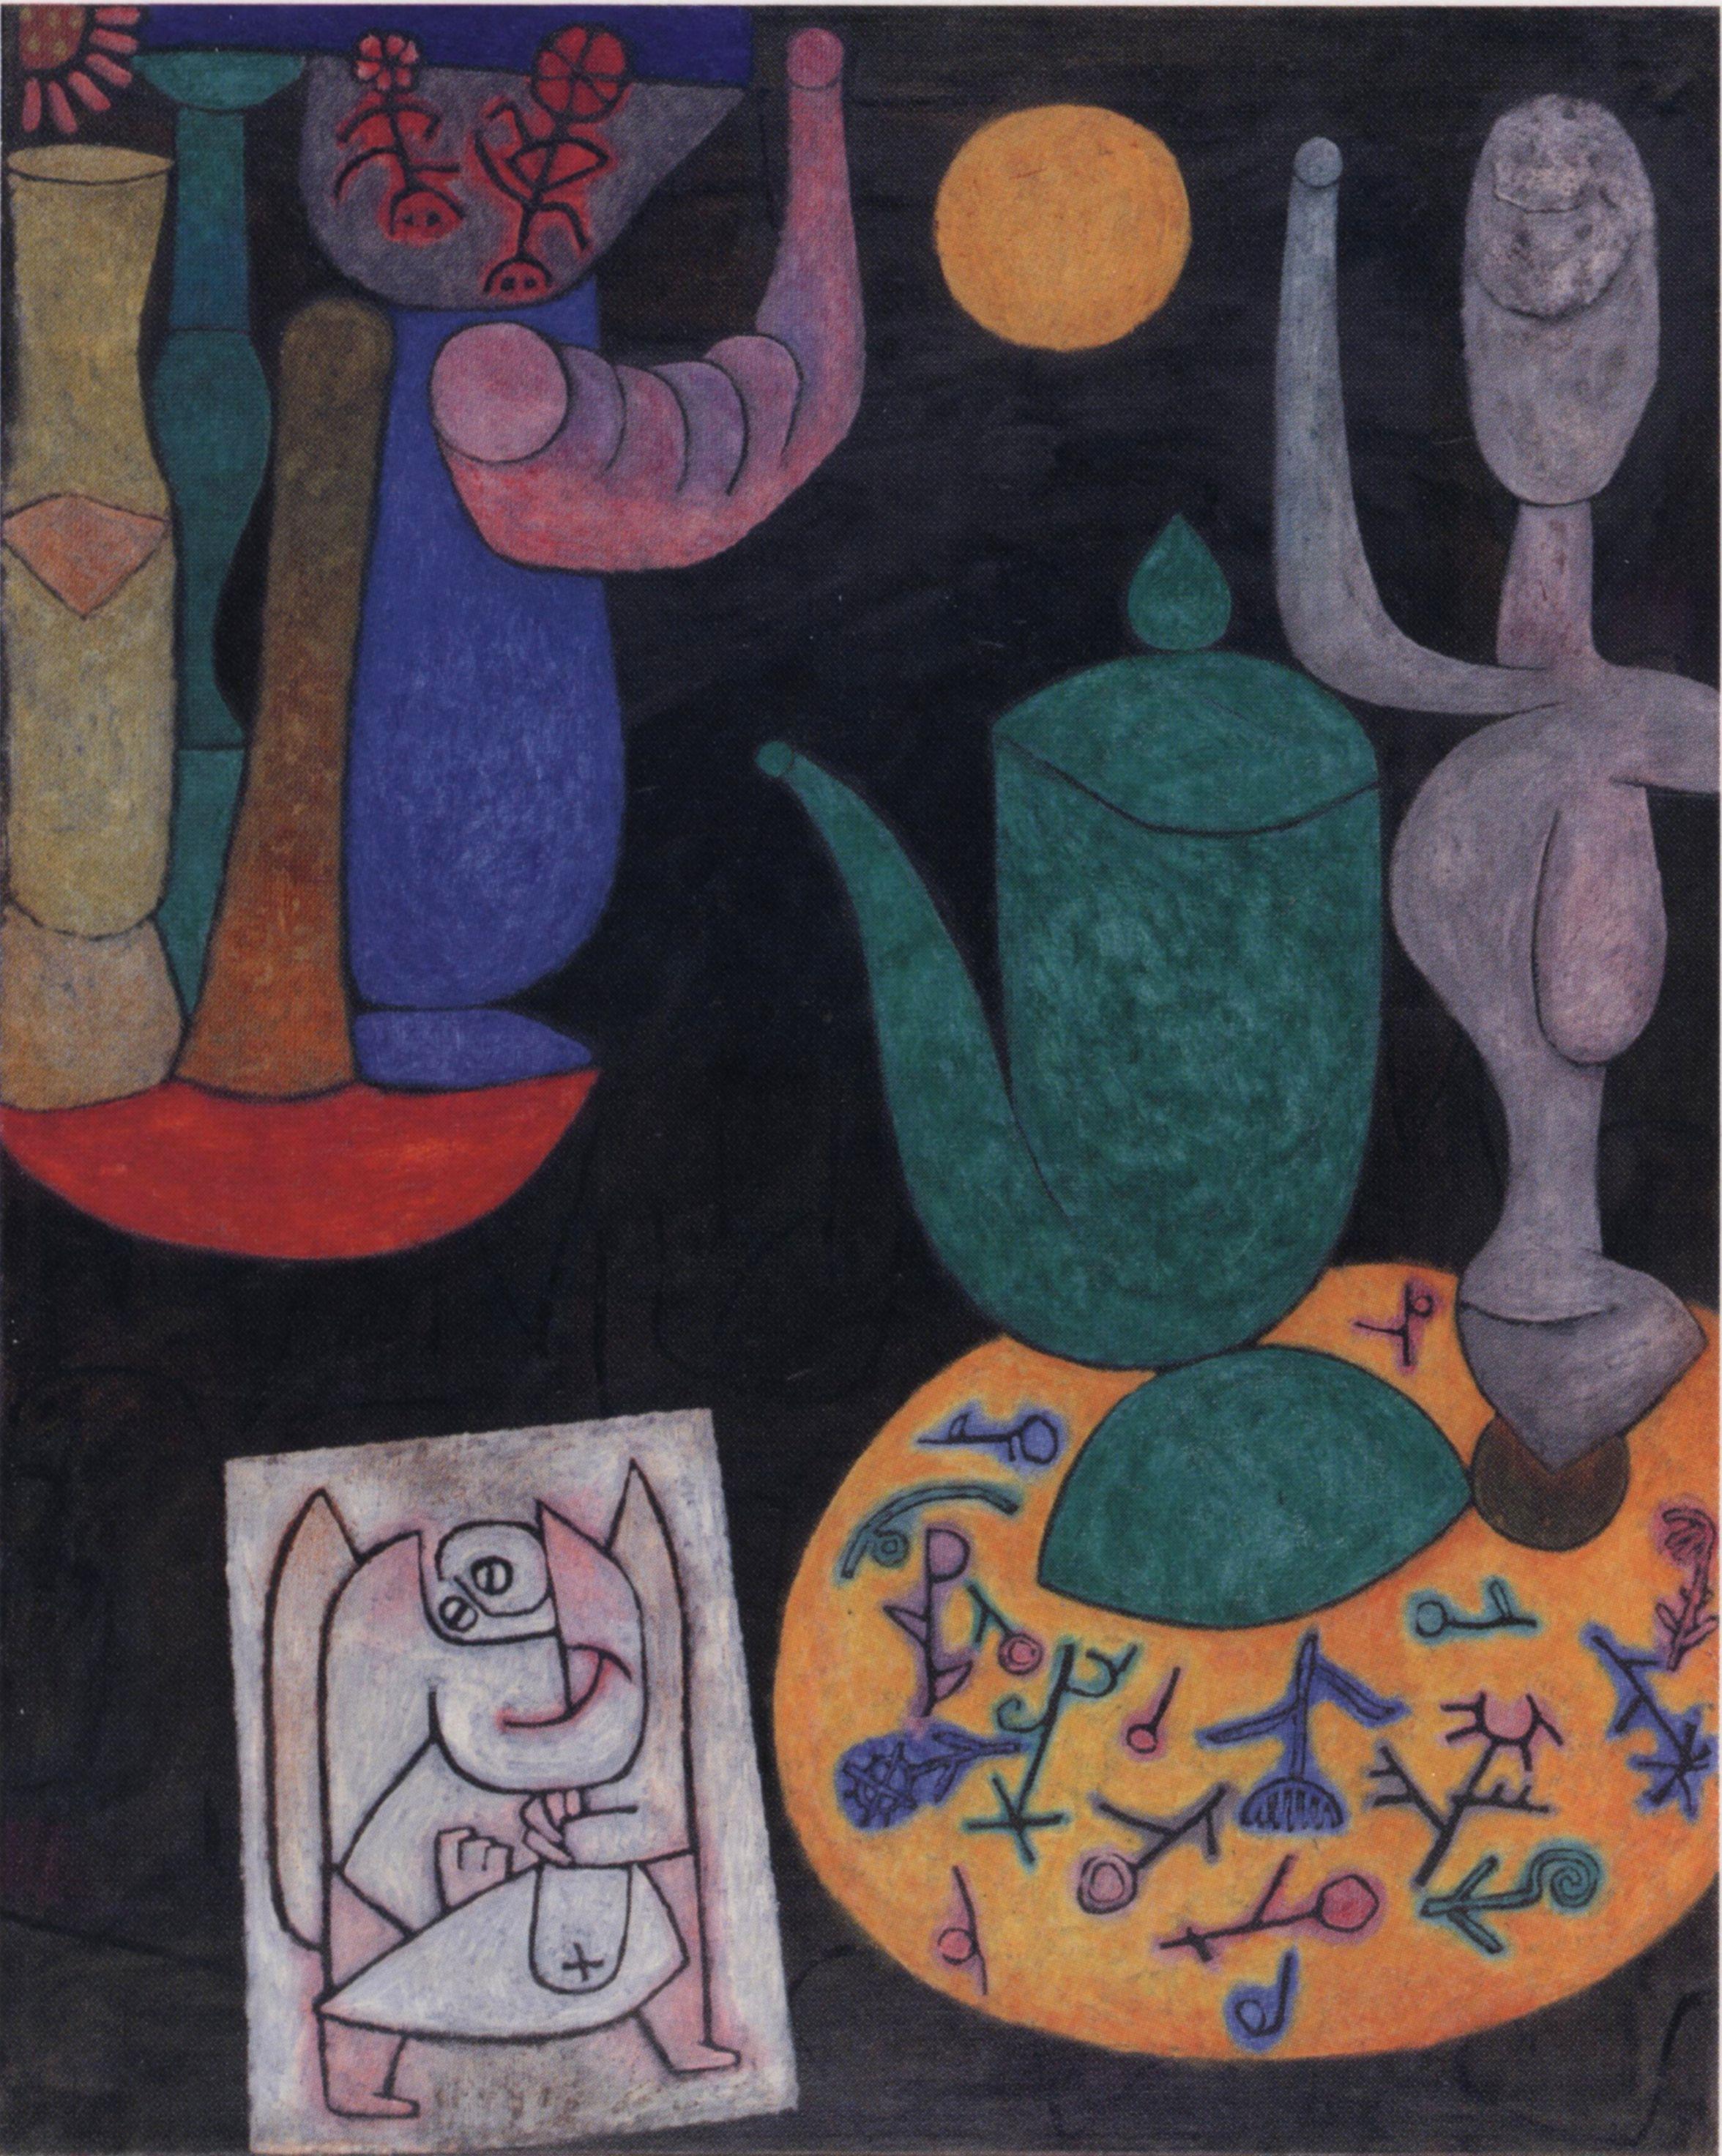 Zonder titel (Laatste stilleven) ~ 1940 ~ Olieverf op doek, op een spanraam  ~ 100 x 80,5 cm. ~ Particuliere verzameling, Zwitserlan… | Paul klee, Paul  klee art, Art